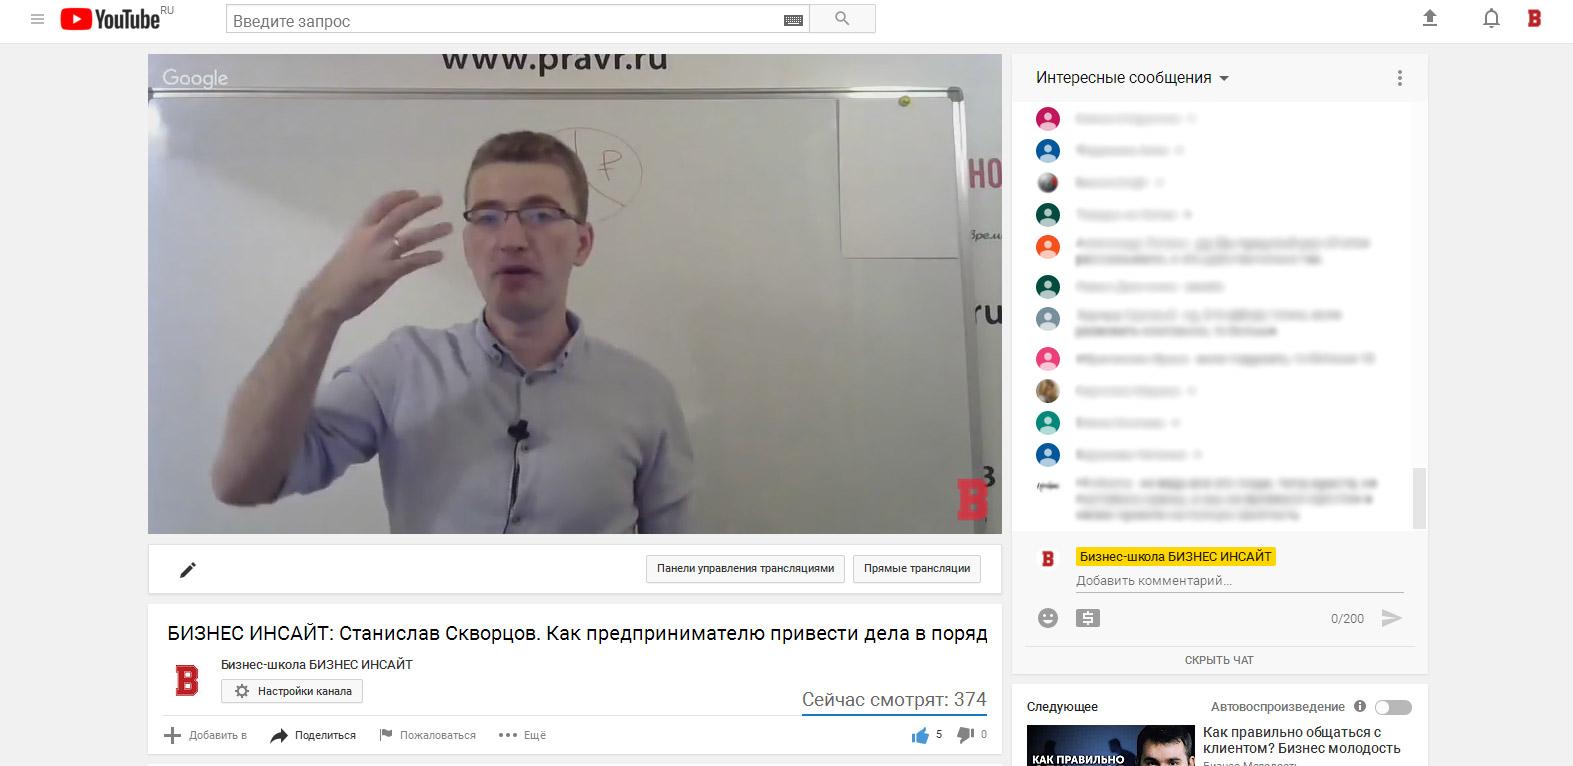 Станислав Скворцов провел открытый (бесплатный) вебинар на площадке БИЗНЕС ИНСАЙТ